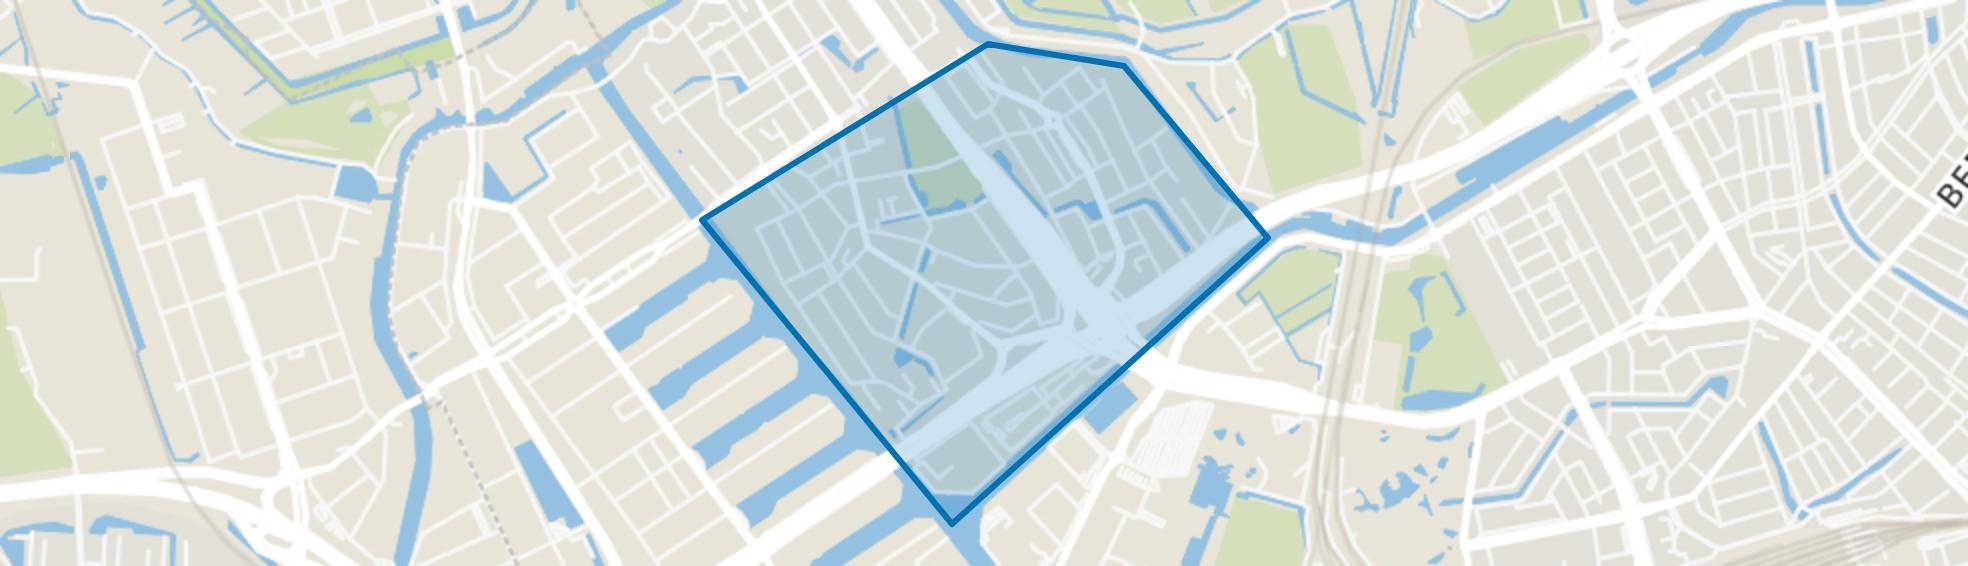 Kleinpolder, Rotterdam map